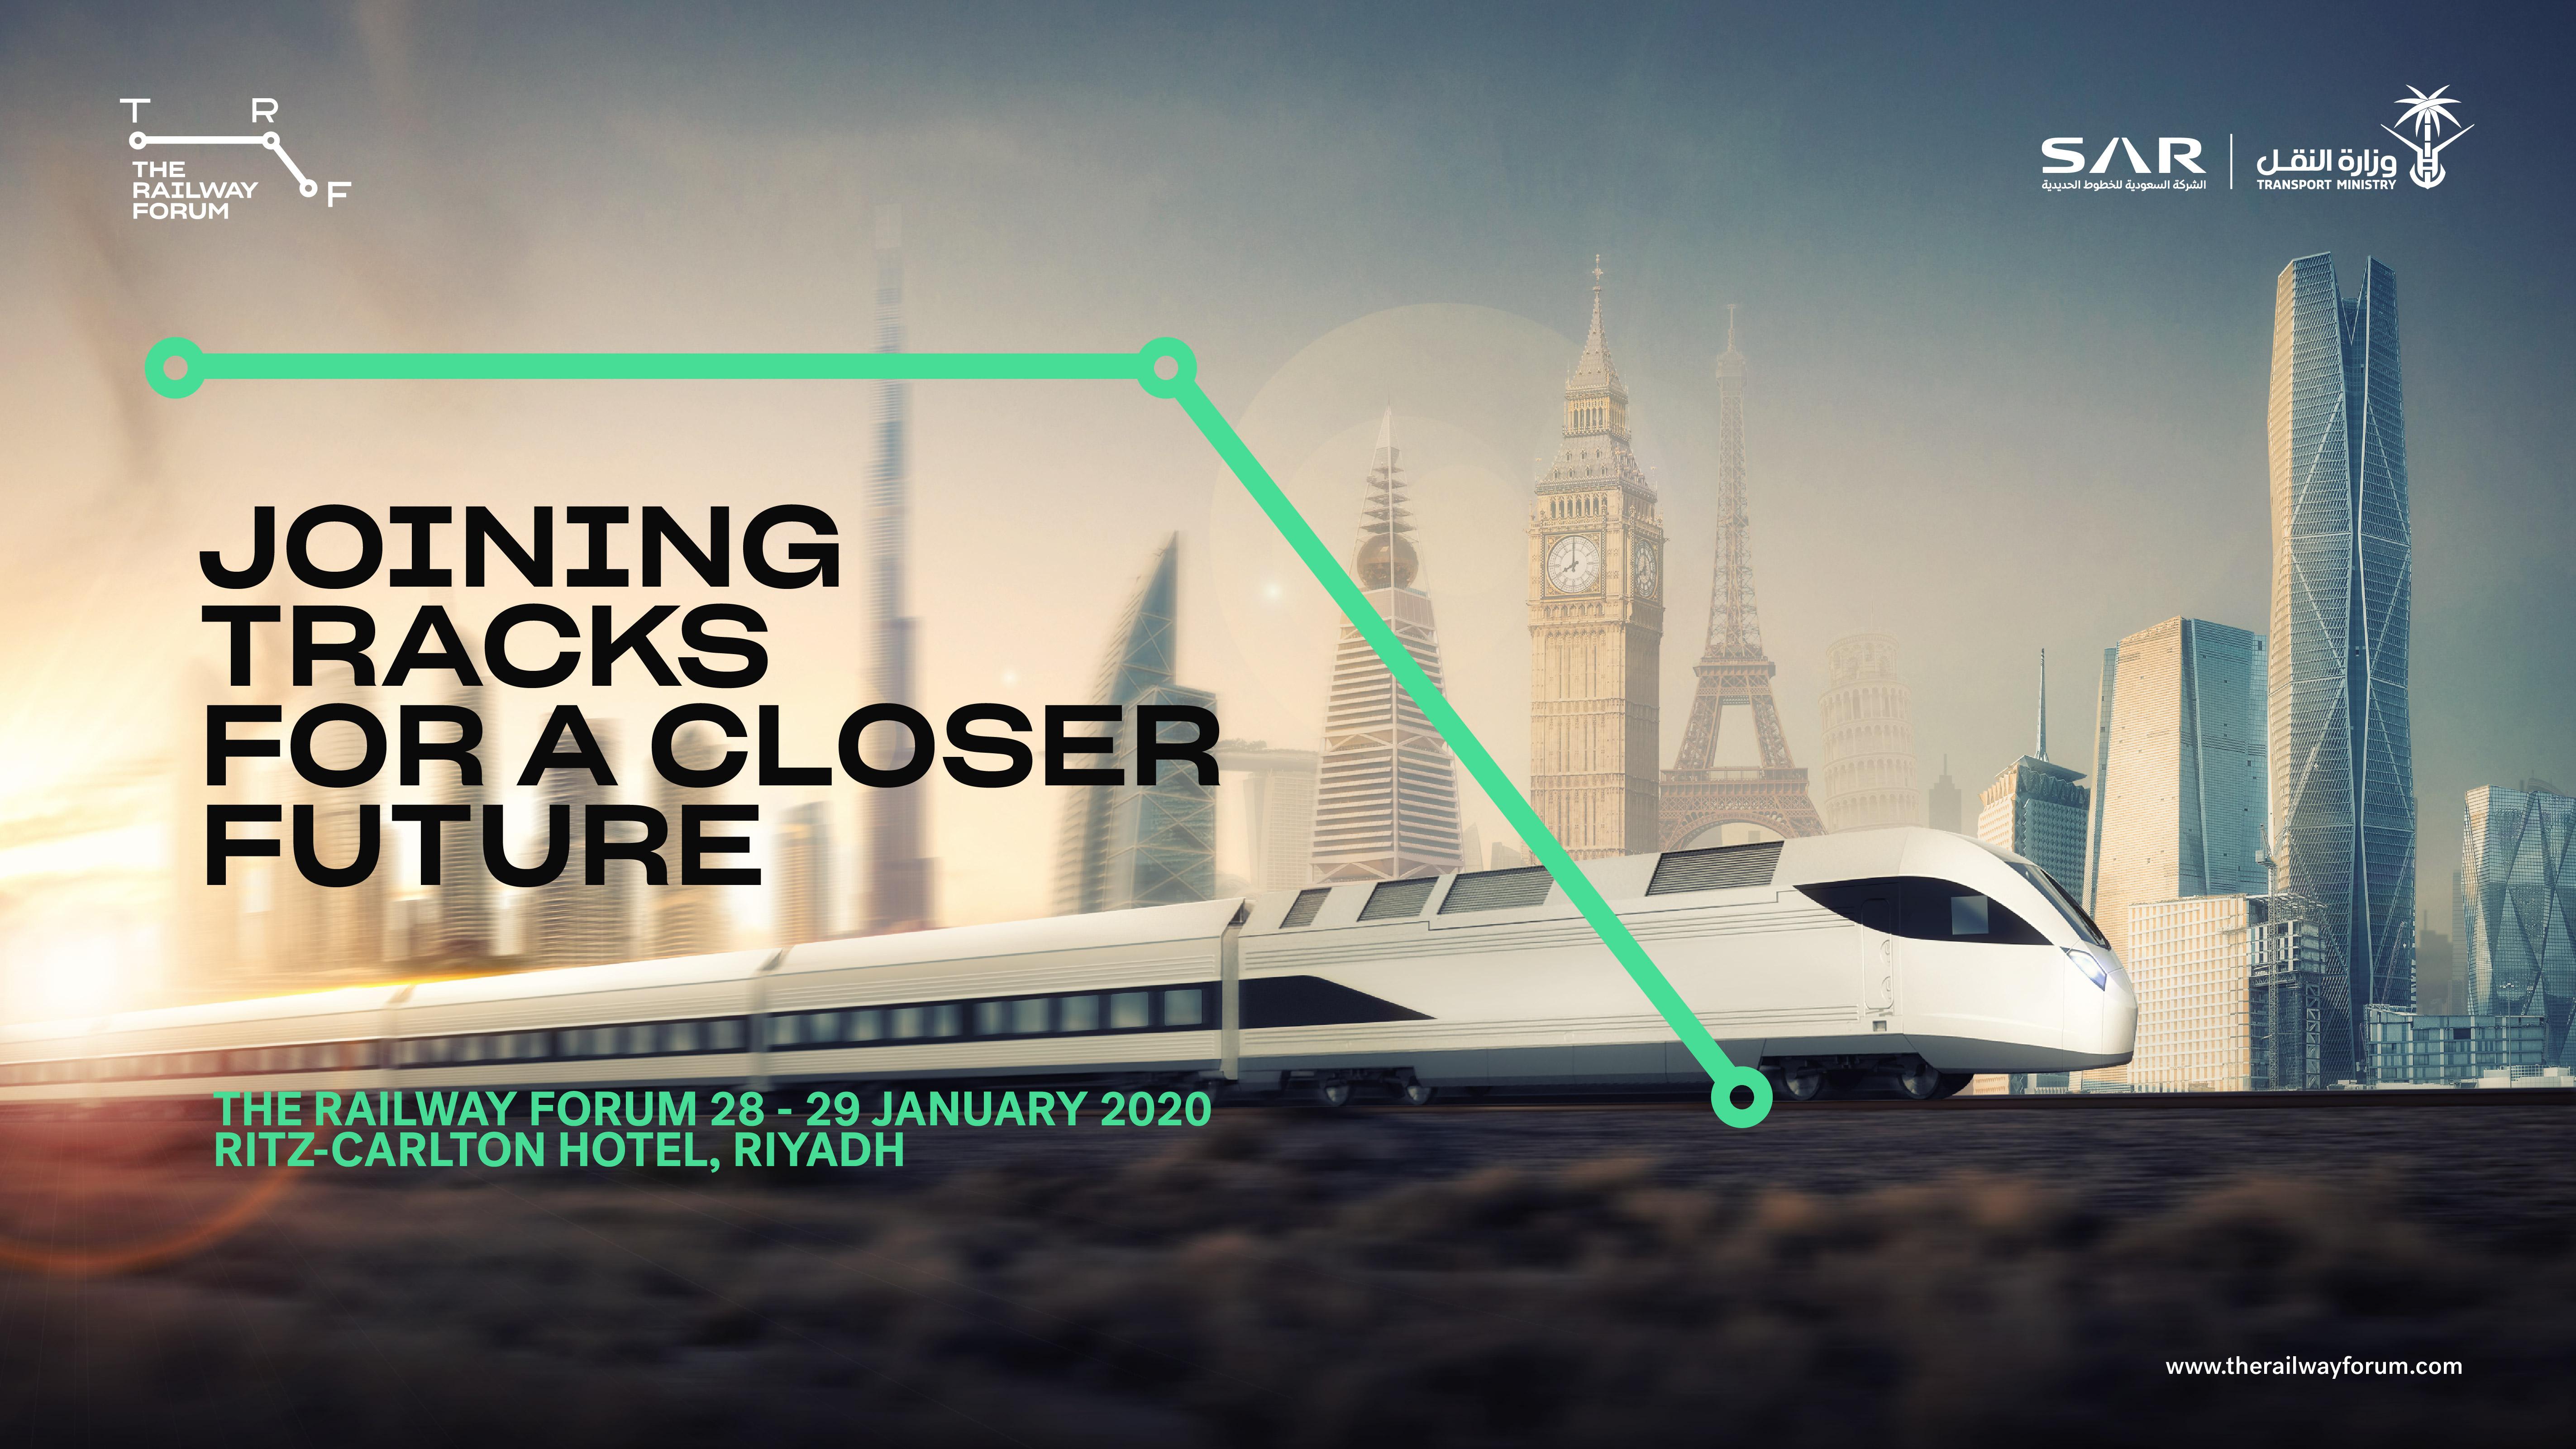 the railway forum 2020